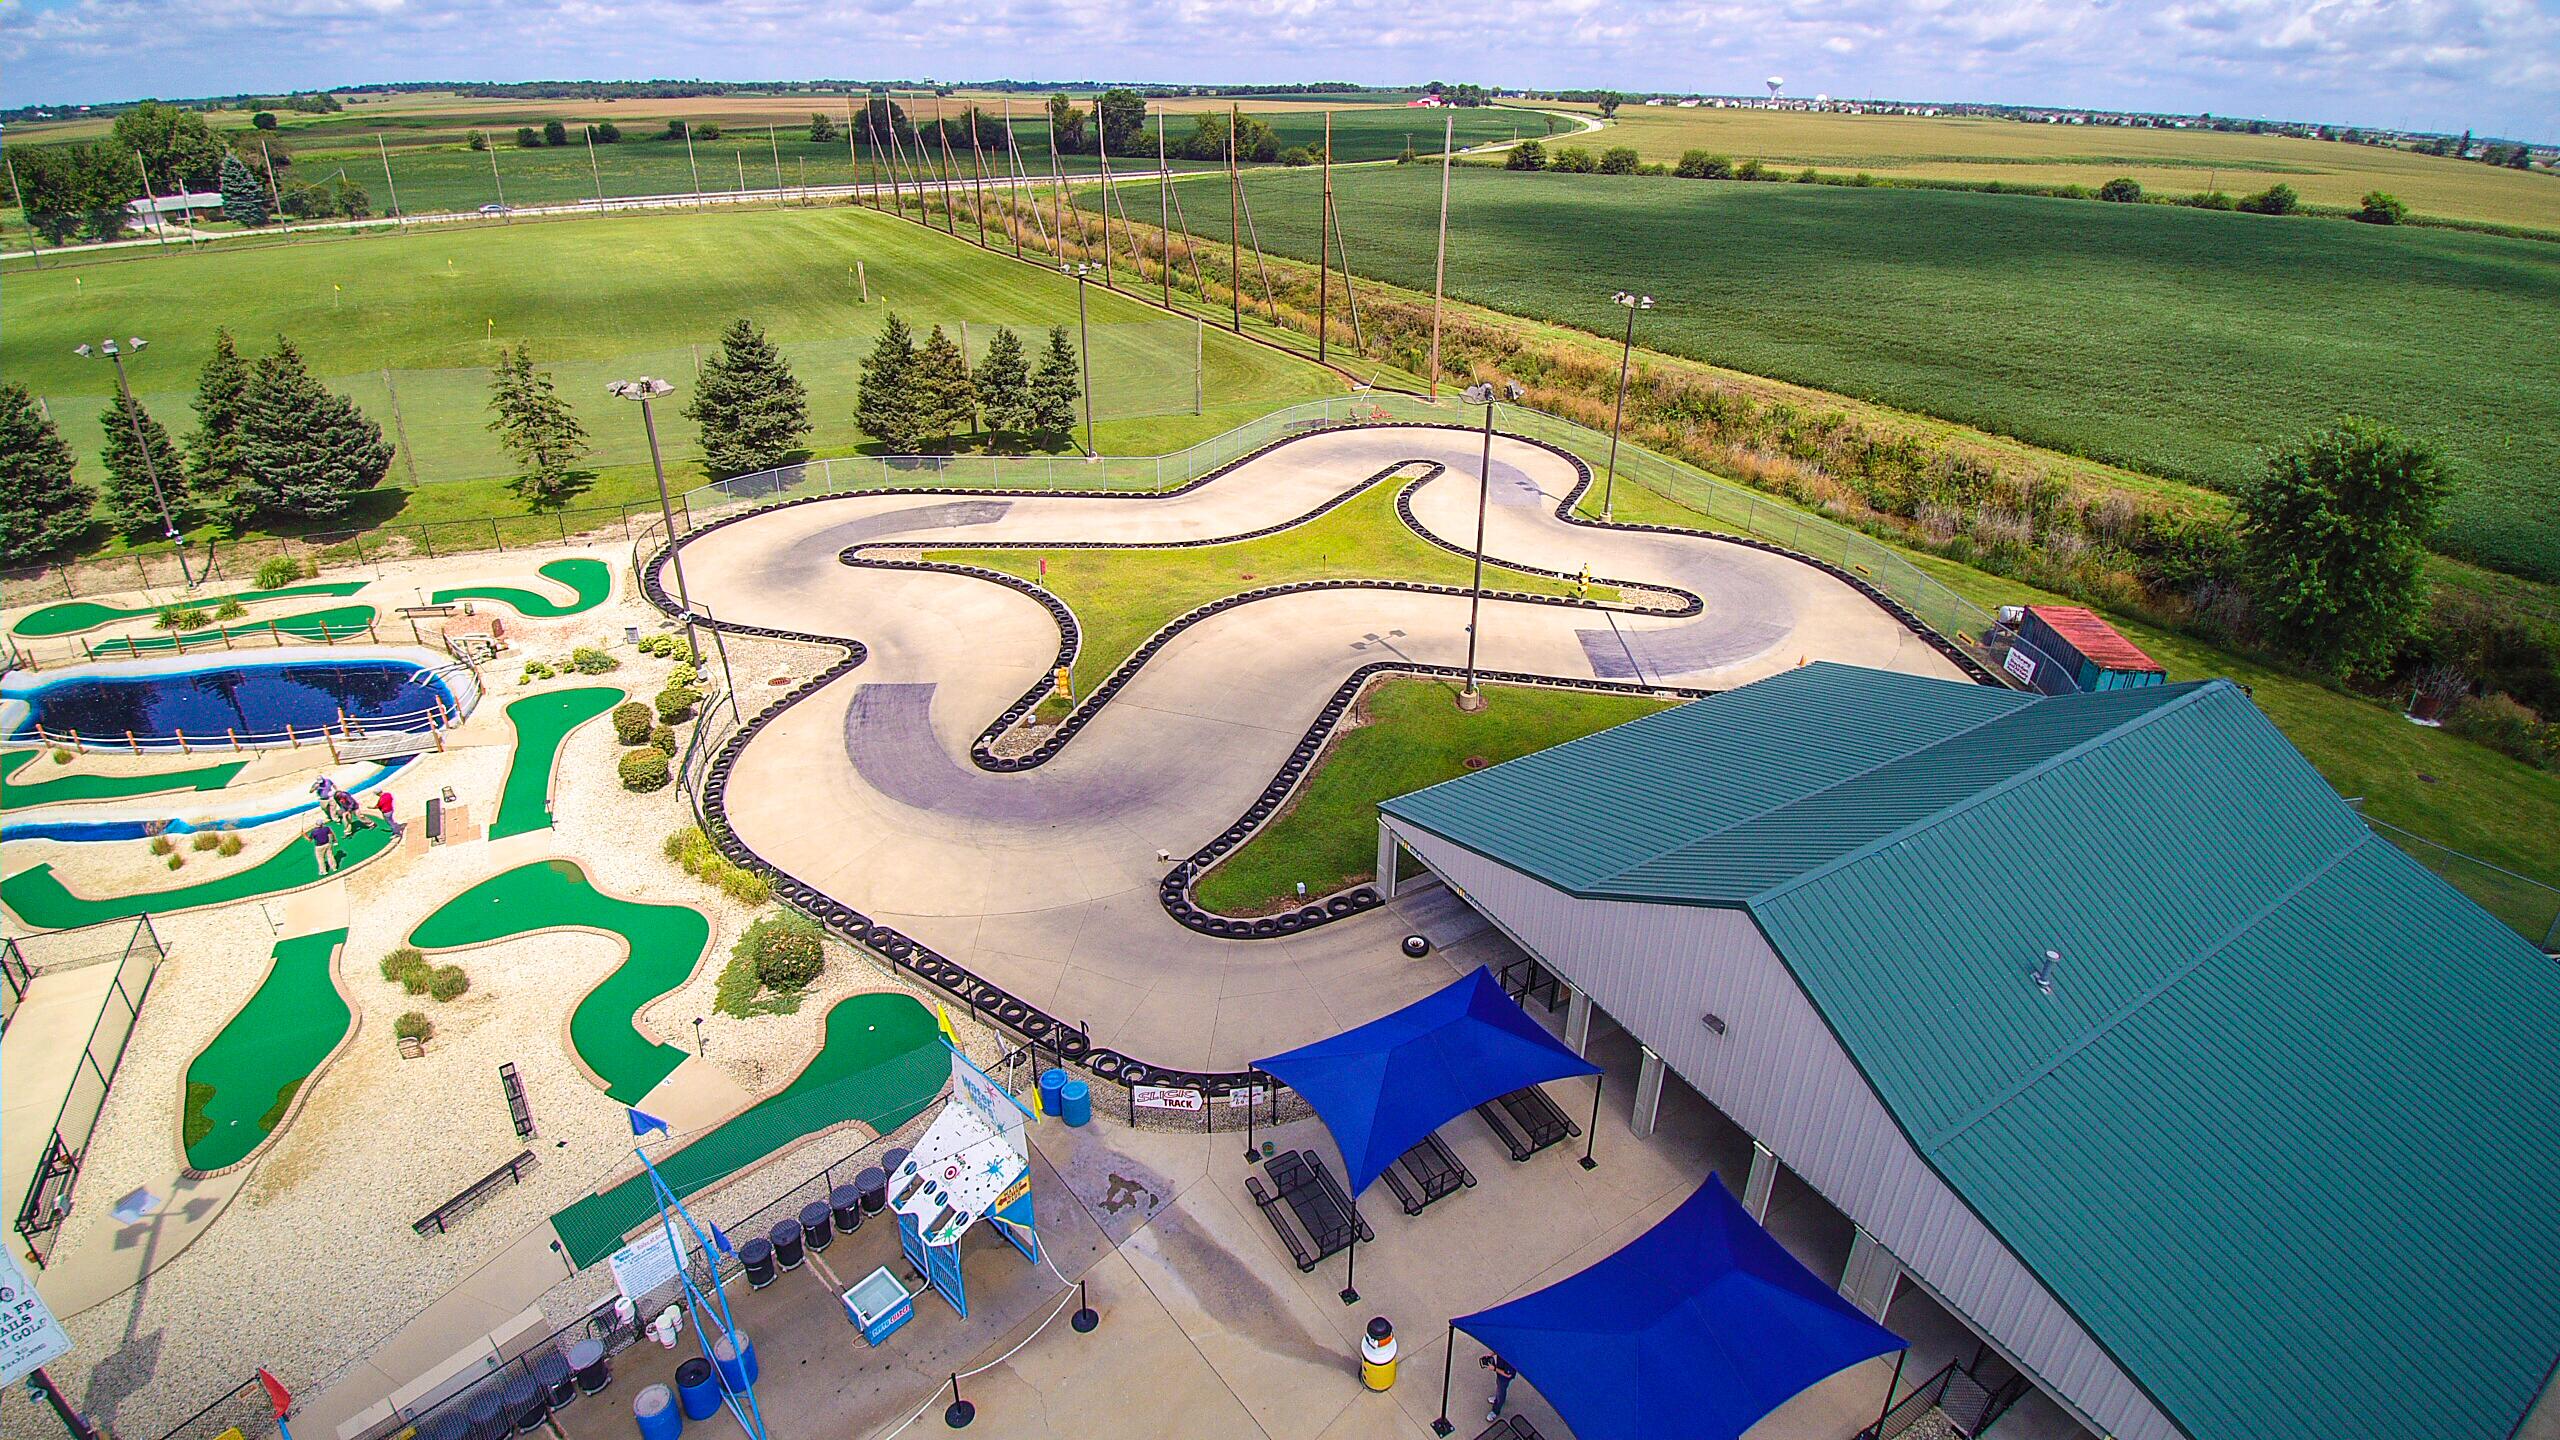 Sugar Grove Family Fun Center Go-Kart Track